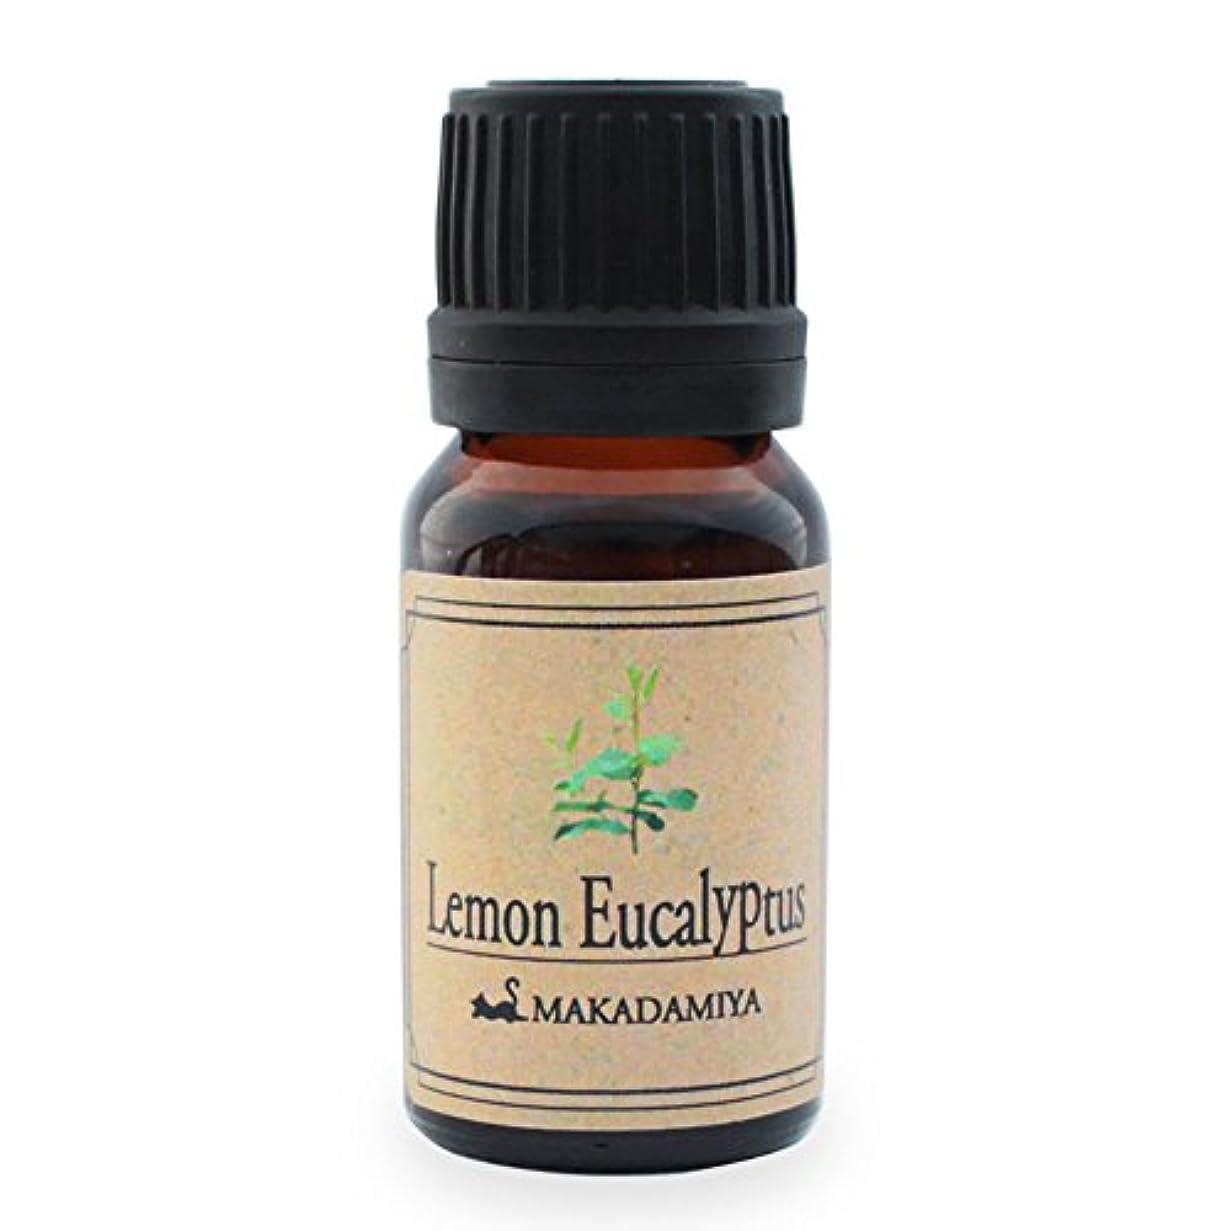 額生命体ショッキングレモンユーカリ10ml 天然100%植物性 エッセンシャルオイル(精油) アロマオイル アロママッサージ aroma Eucalyptus Citriodora